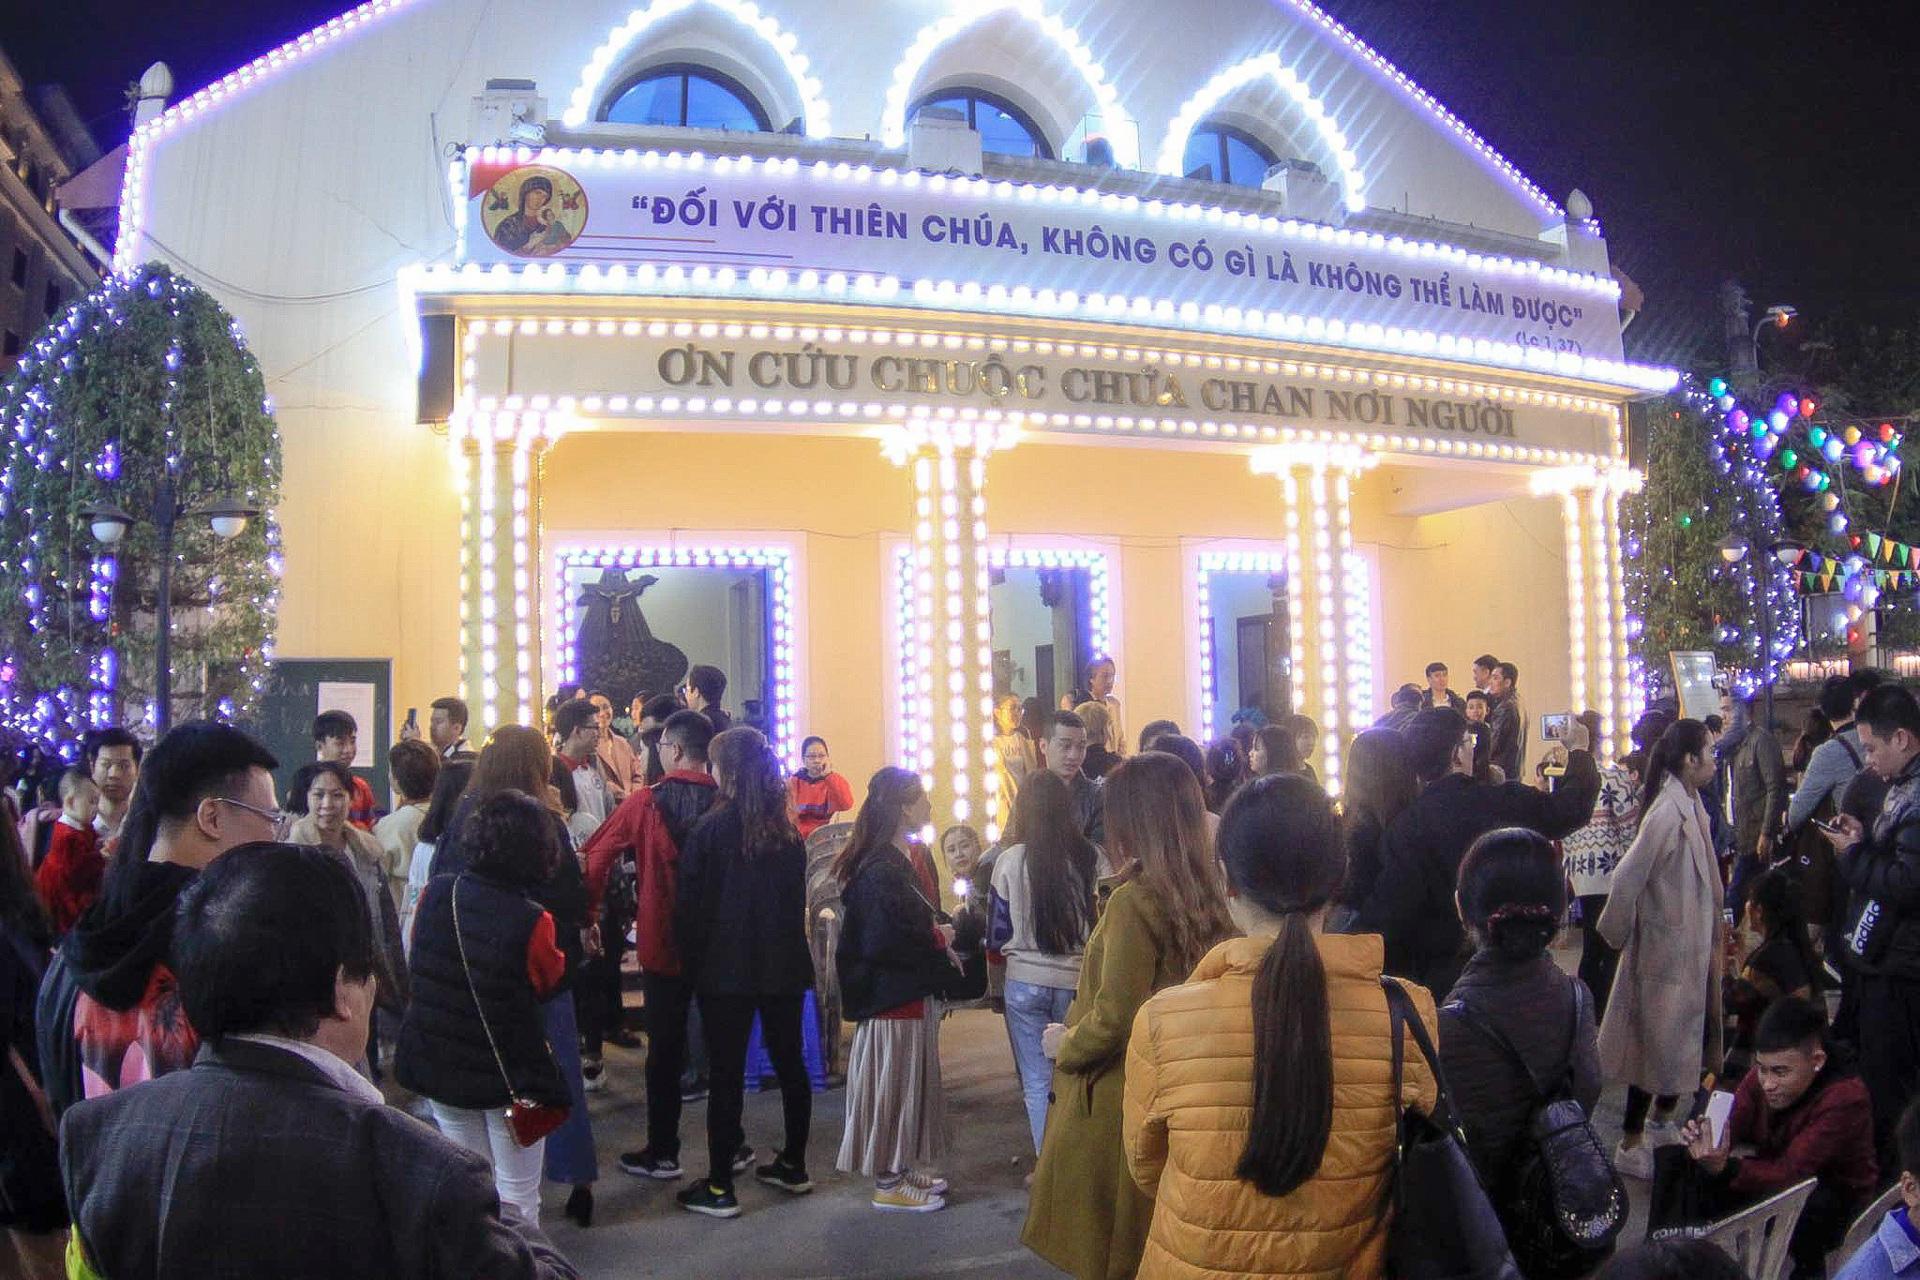 Hà Nội: Người dân đổ ra đường đón Giáng sinh, nhiều tuyến đường'tắc không lối thoát' - Ảnh 8.